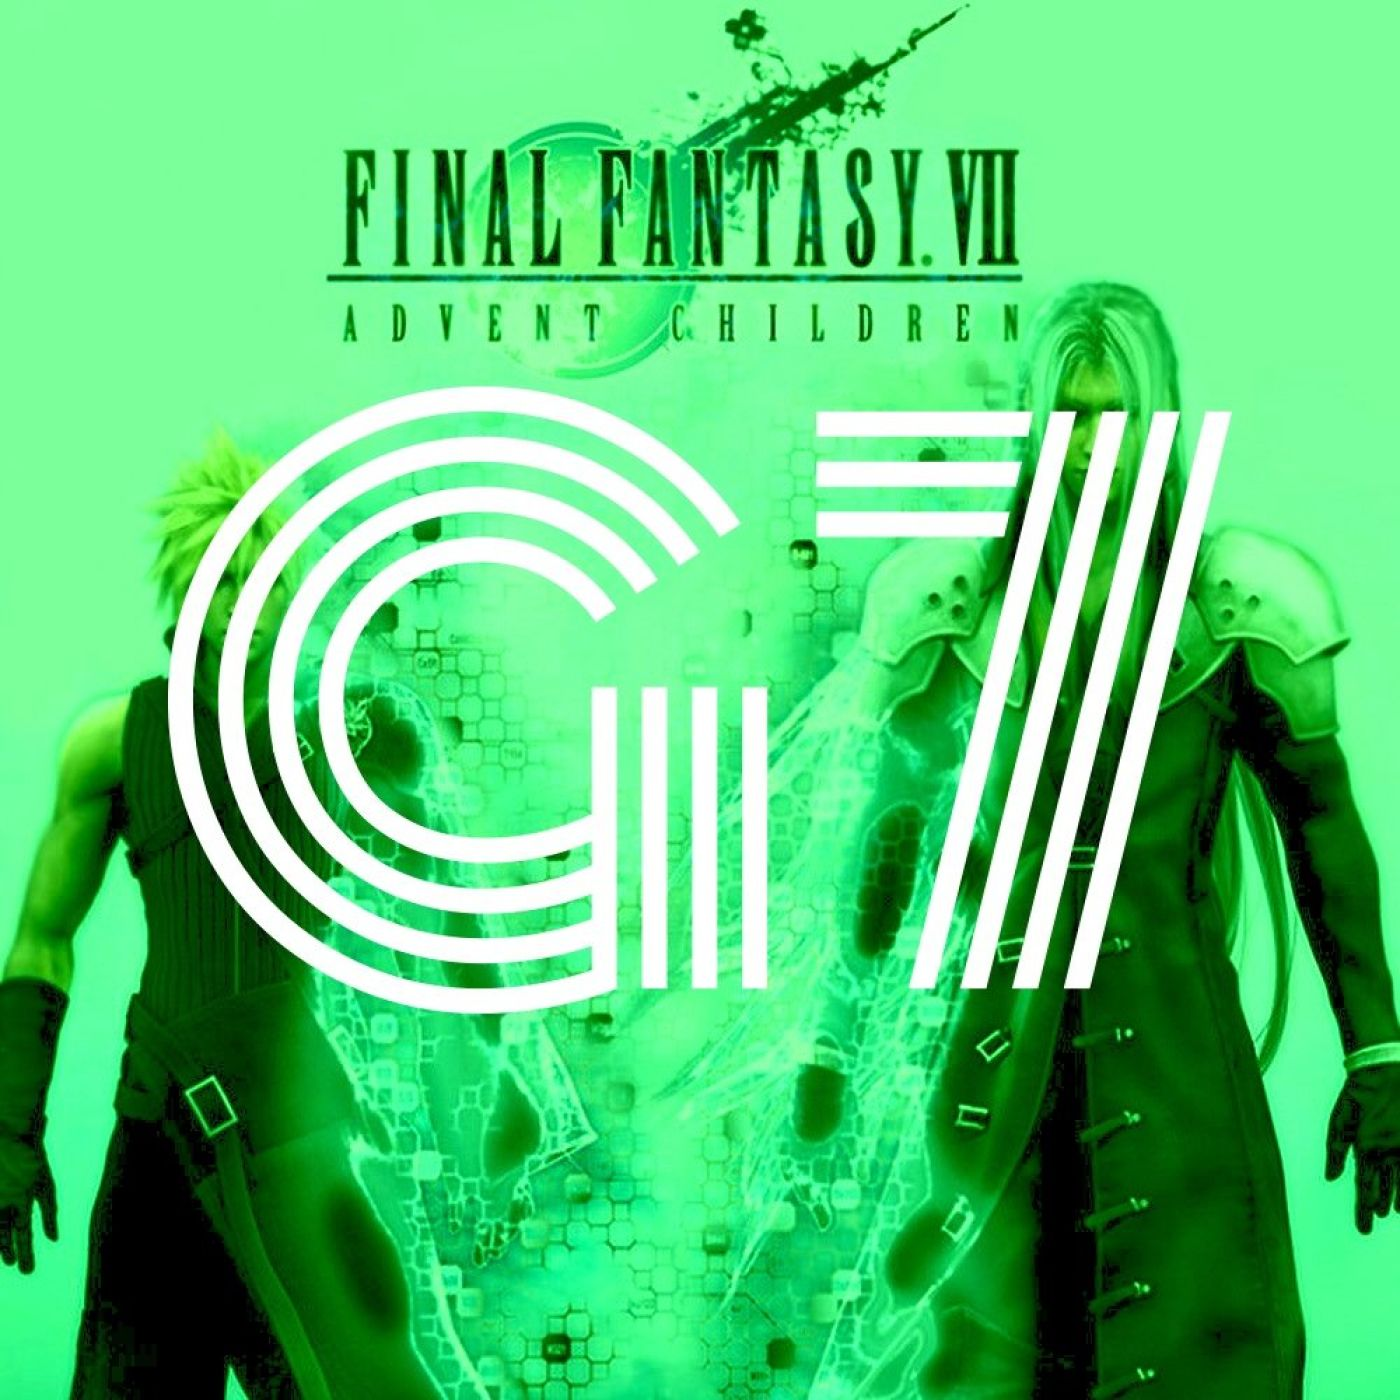 G7 - Episode 6 - Final Fantasy VII Advent Children